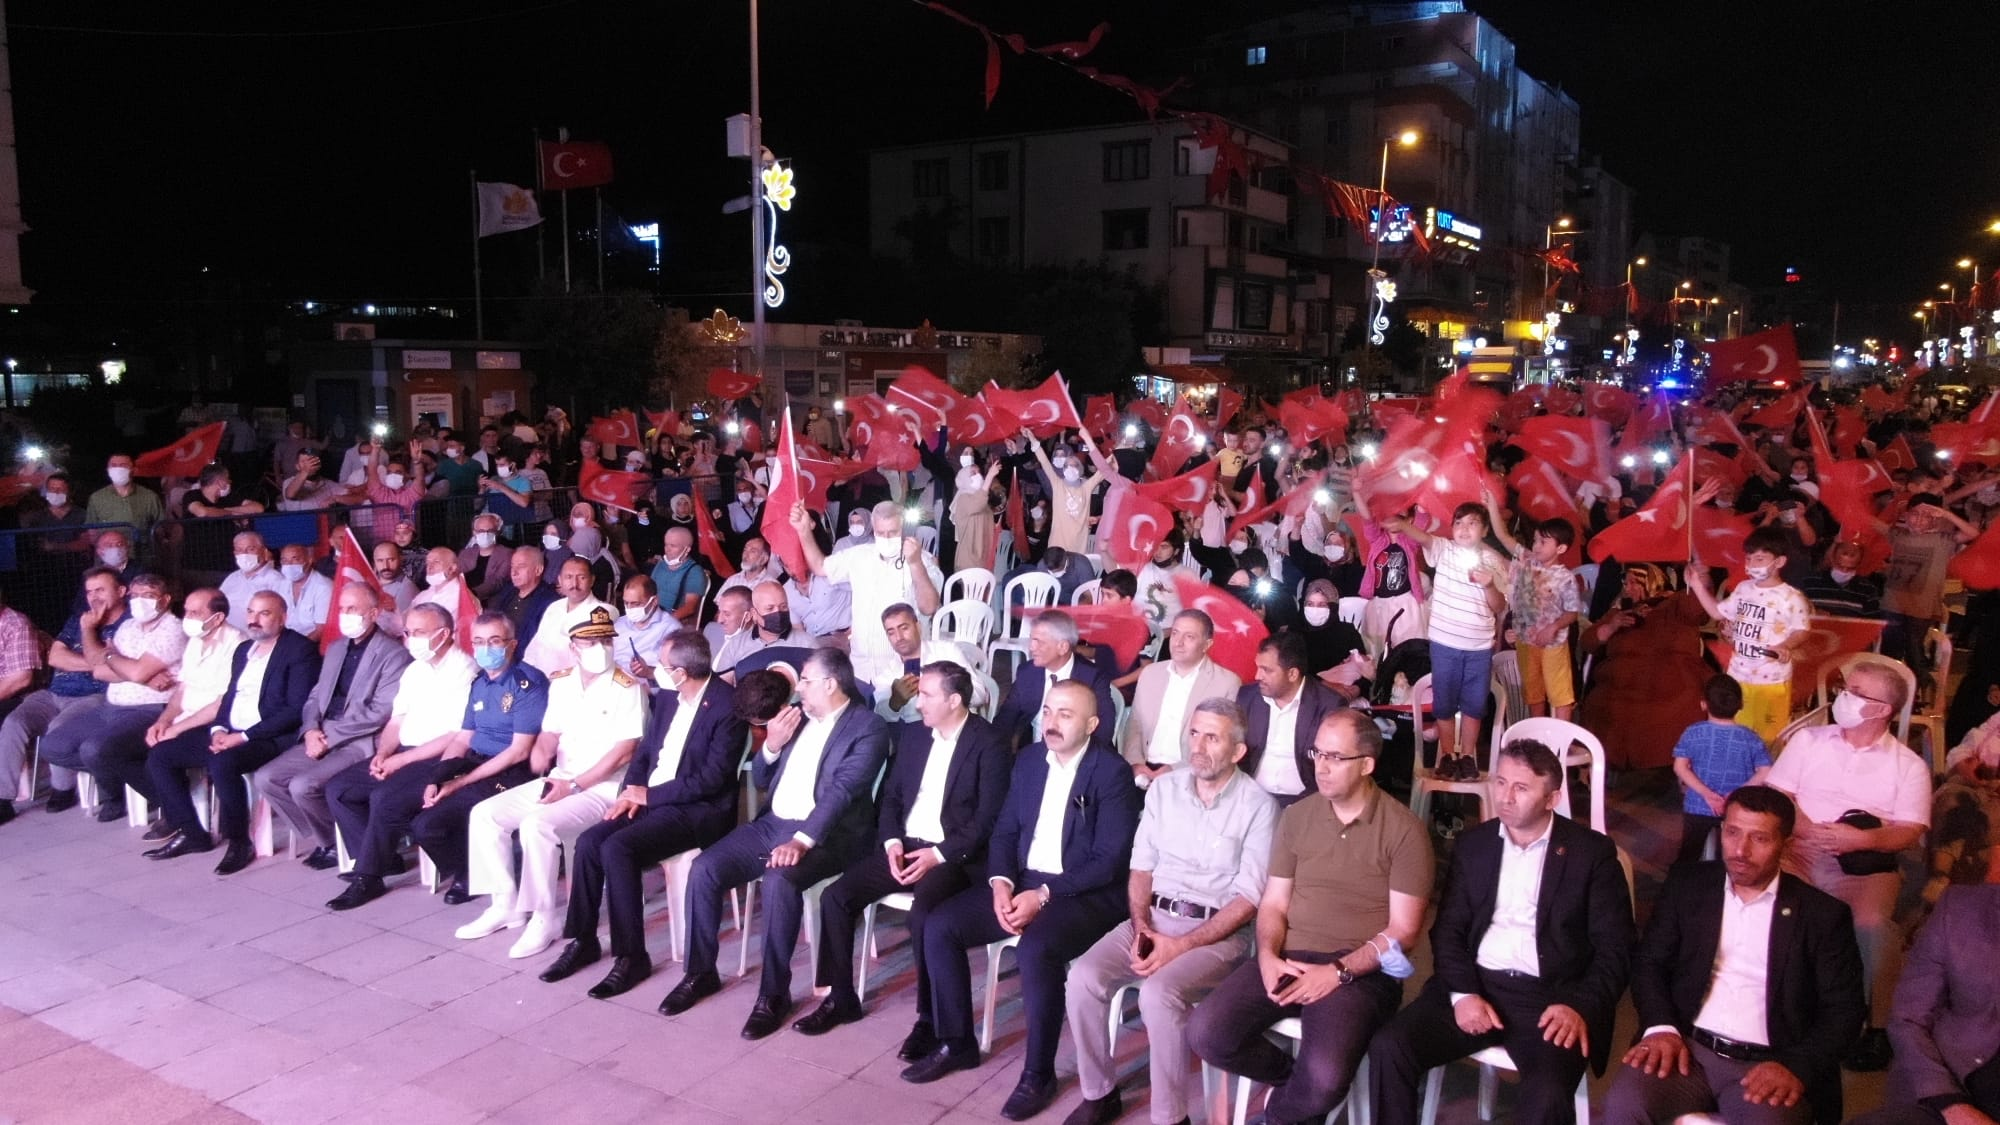 Sultanbeyli Tek Ses, Tek Yürek: Türkiye Geçilmez!